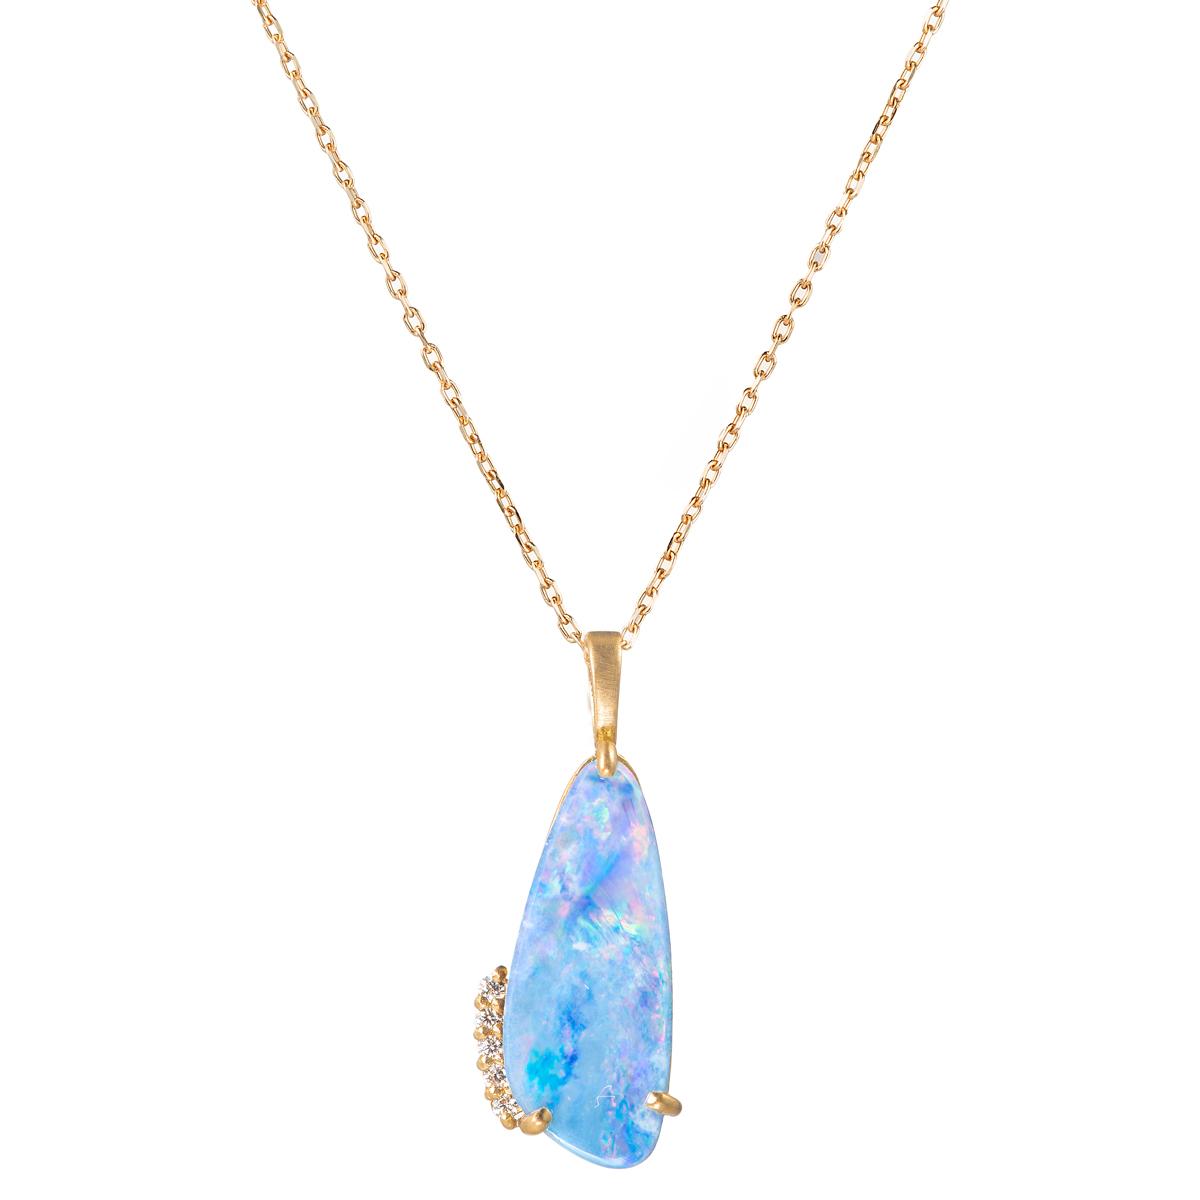 ペンダント〈18KYG、オパール、ダイヤモンド〉¥145,000